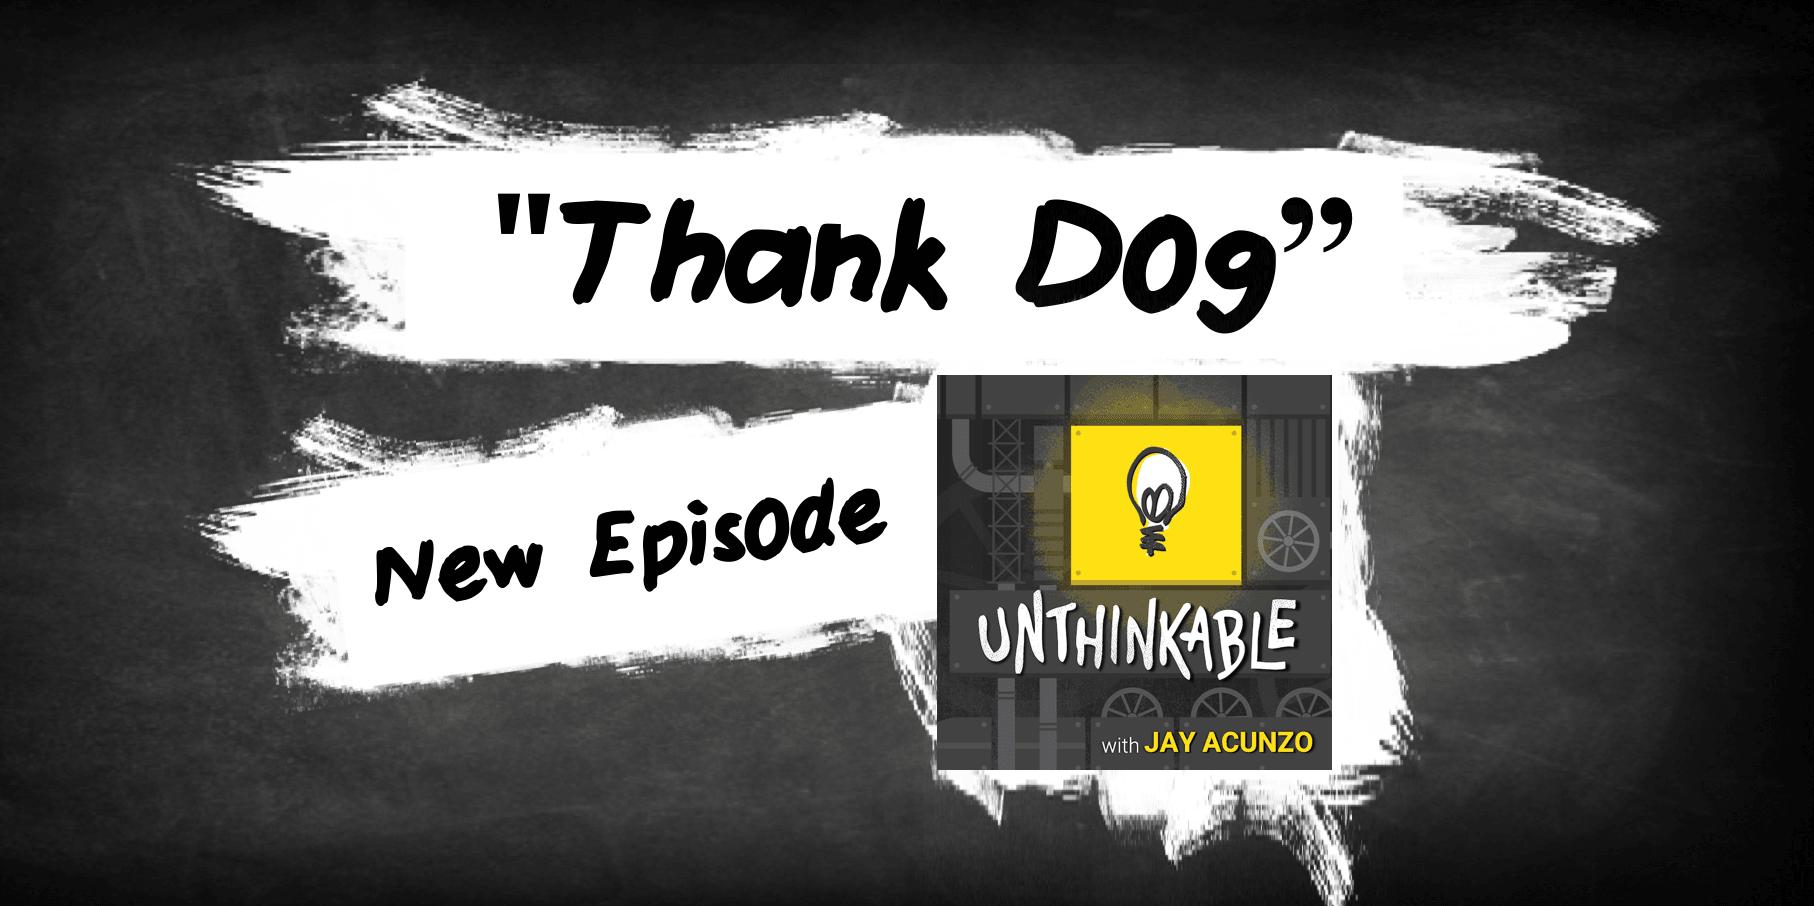 unthinkable-podcast-s5---thank-dog--nanagram-compressor.png